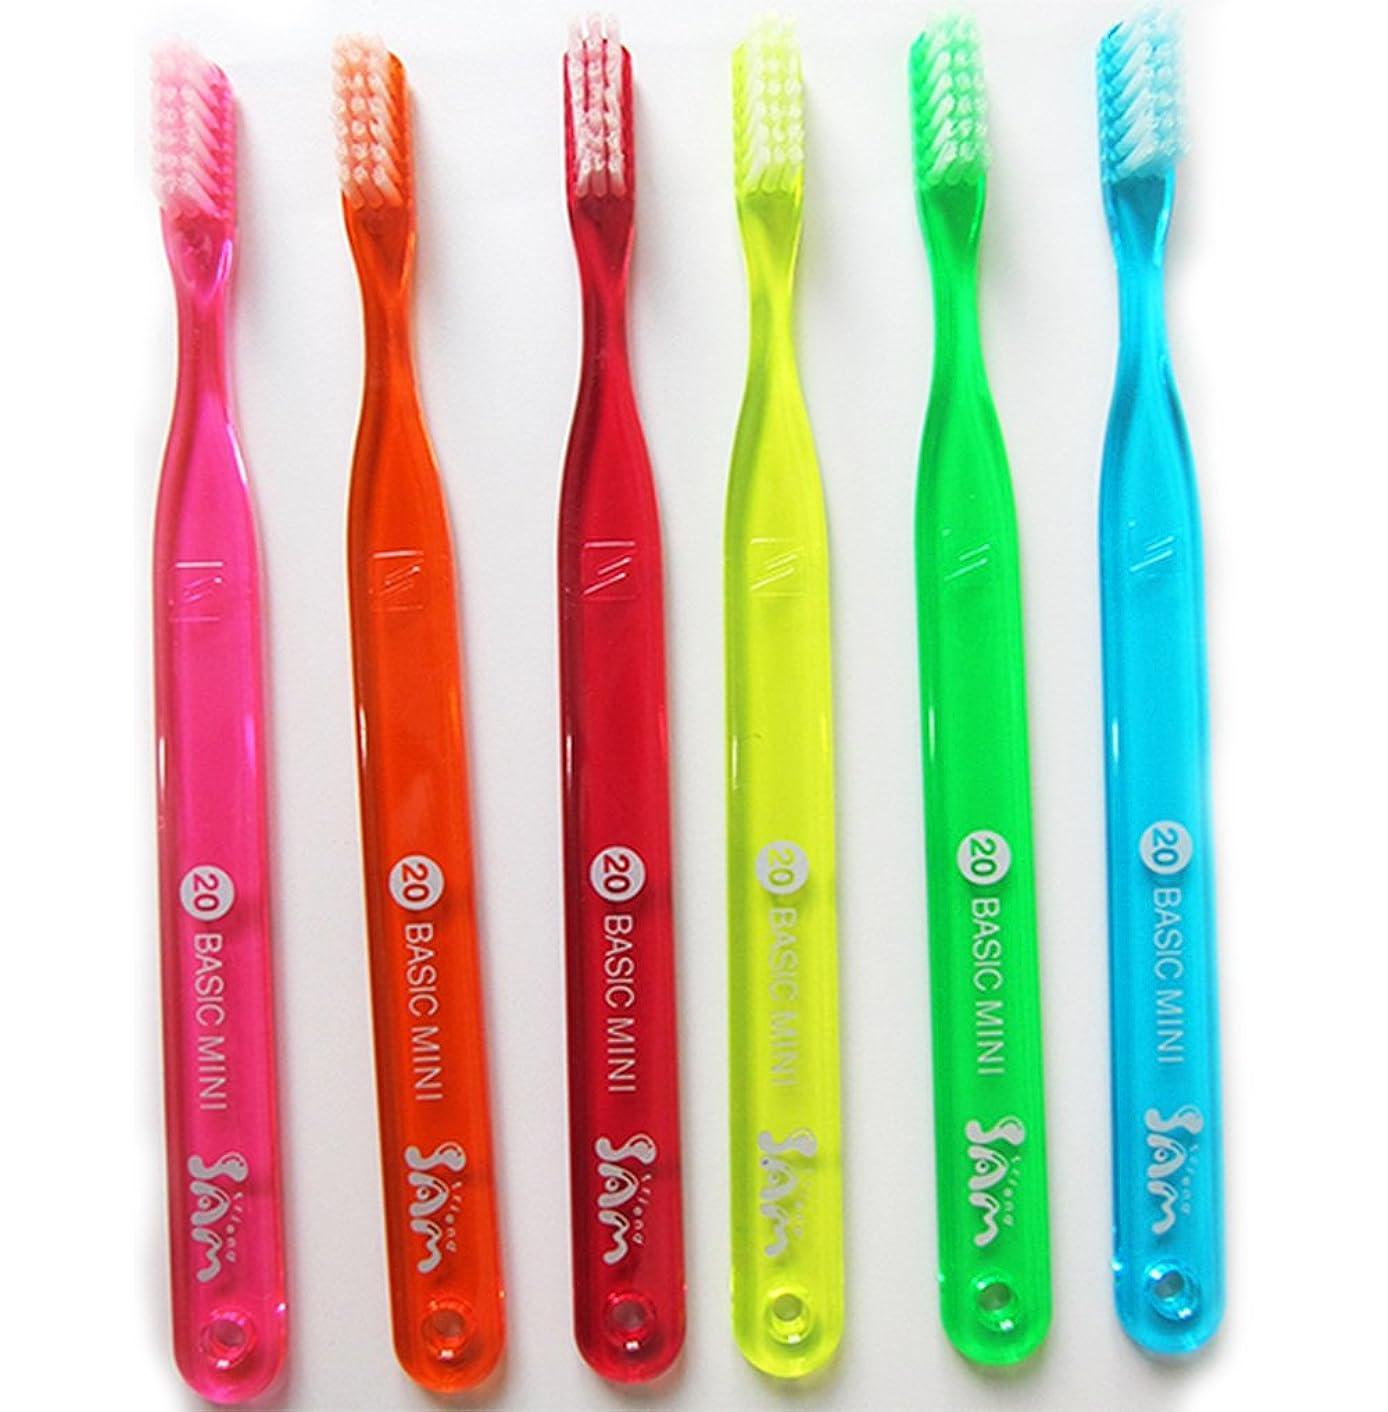 ガム石ダウンサムフレンド 【歯ブラシ】【サムフレンド 20】【6本】サムフレンド歯ブラシ20 BASIC MEDIUM Mini 6色セット【歯科